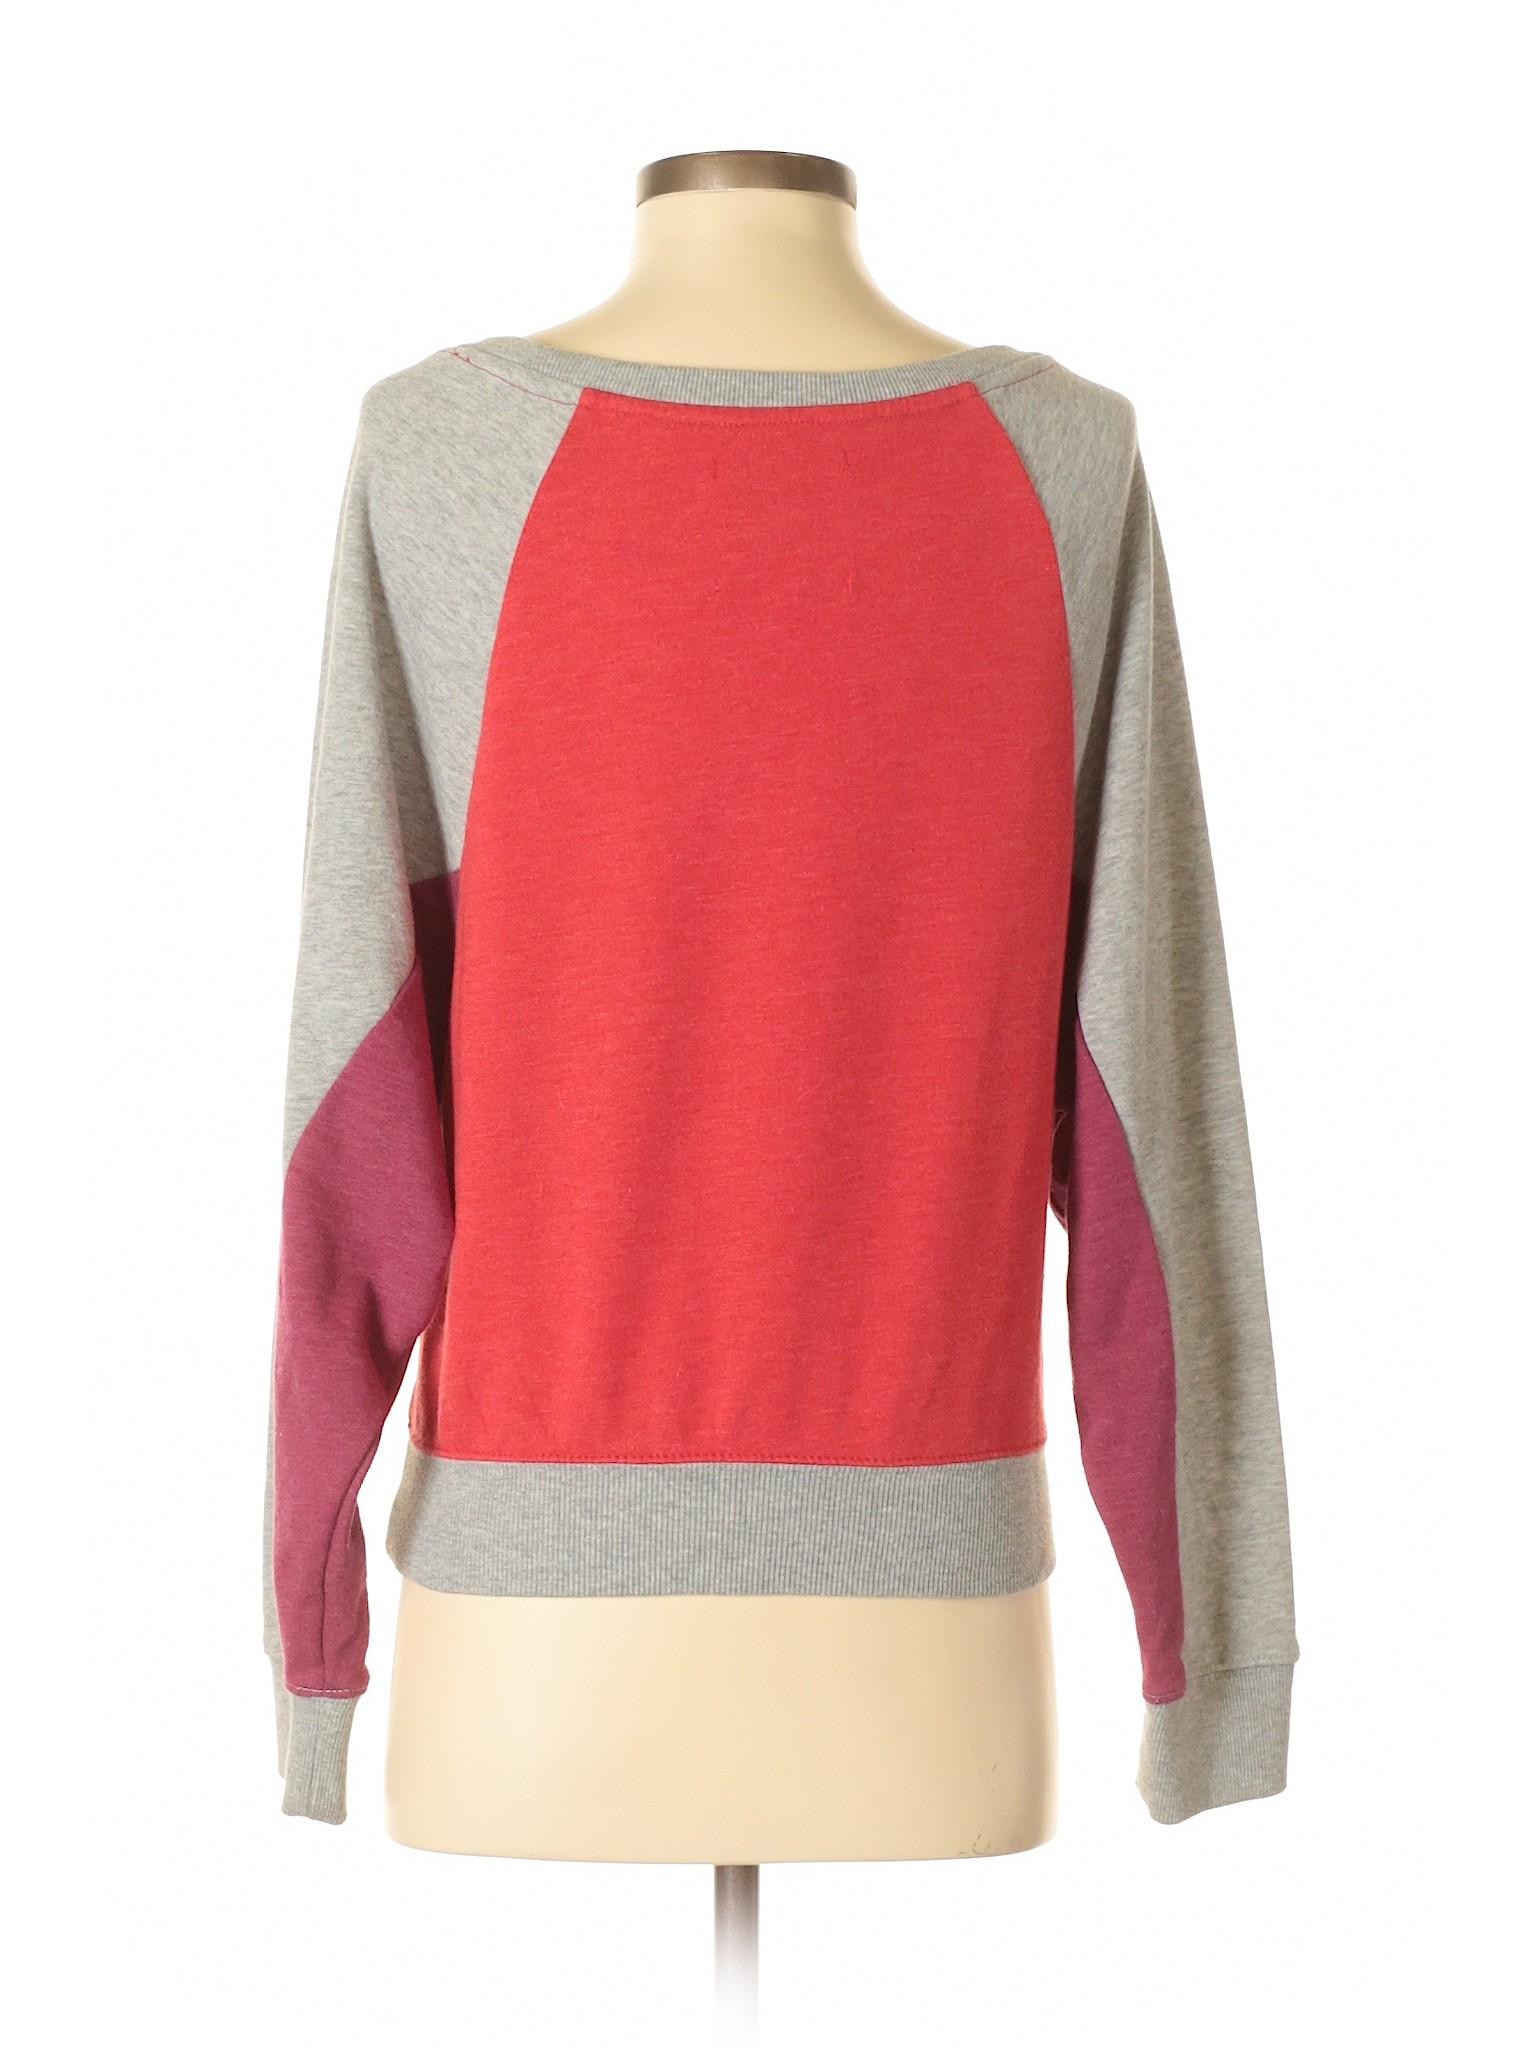 Sweater Boutique Pullover ALTERNATIVE winter Boutique winter zv0qXq